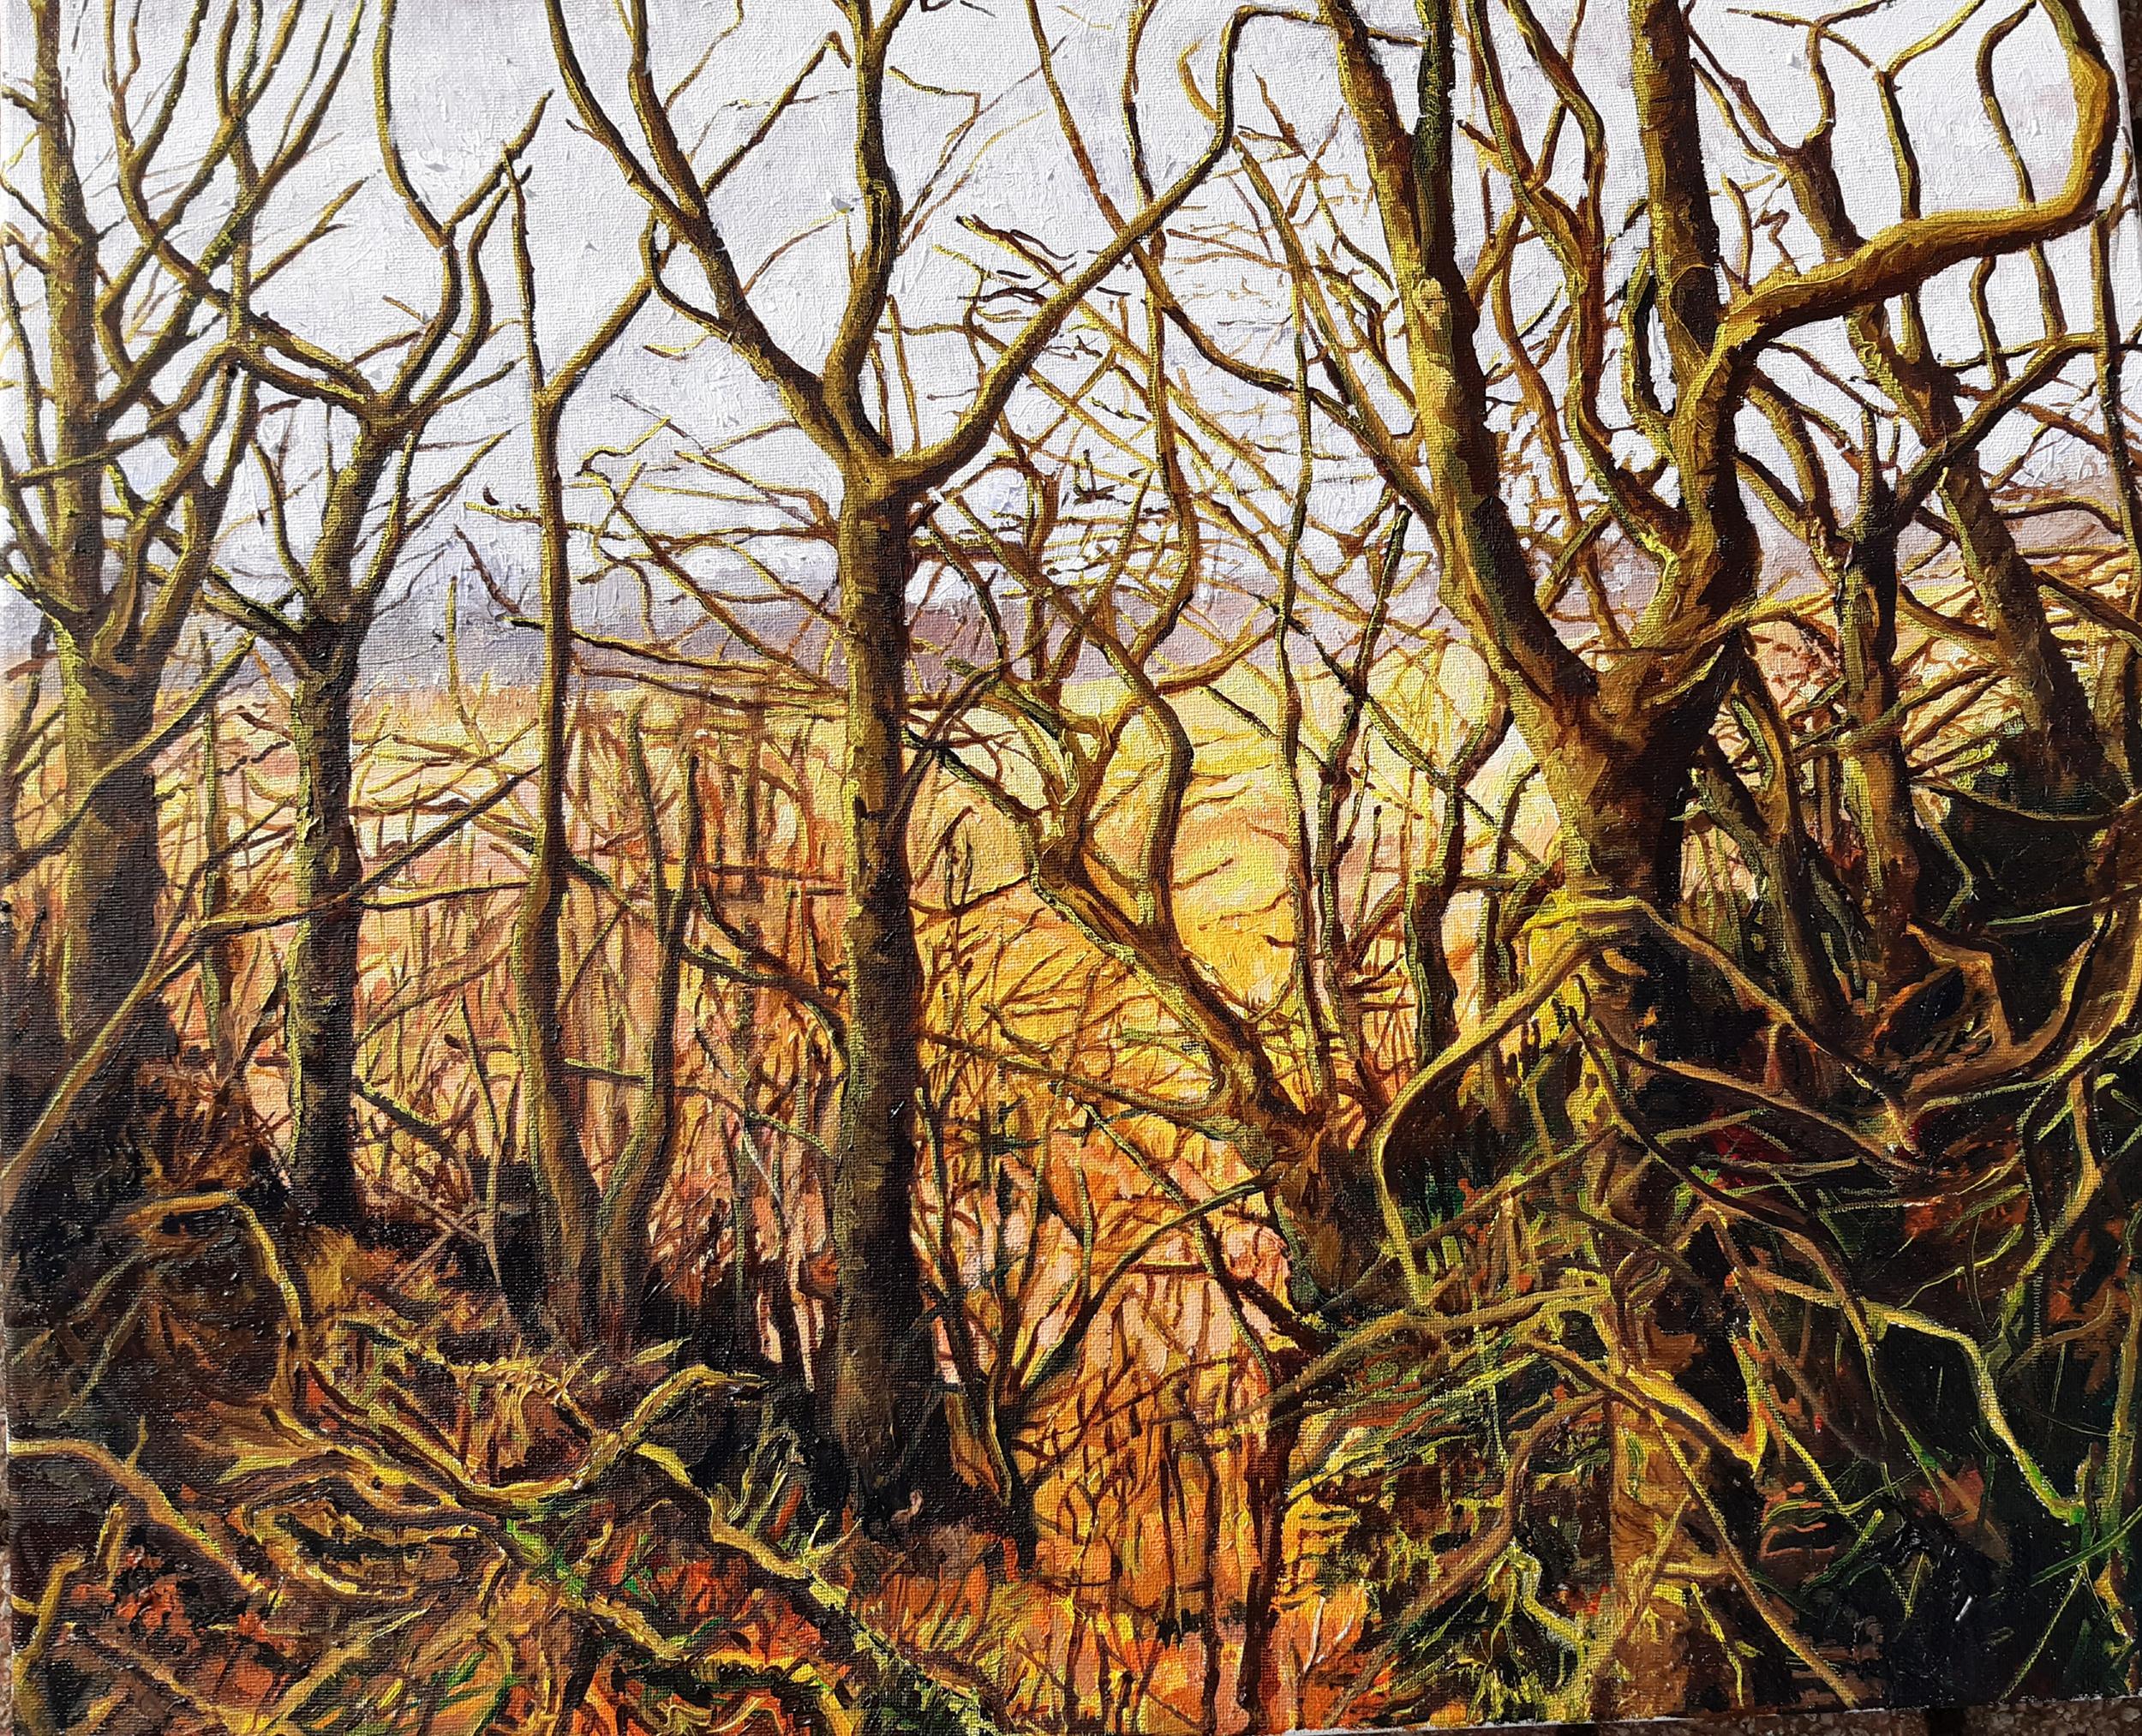 17-annabelle-may-hampton-autumn-in-lockdown-oil-on-canvas300